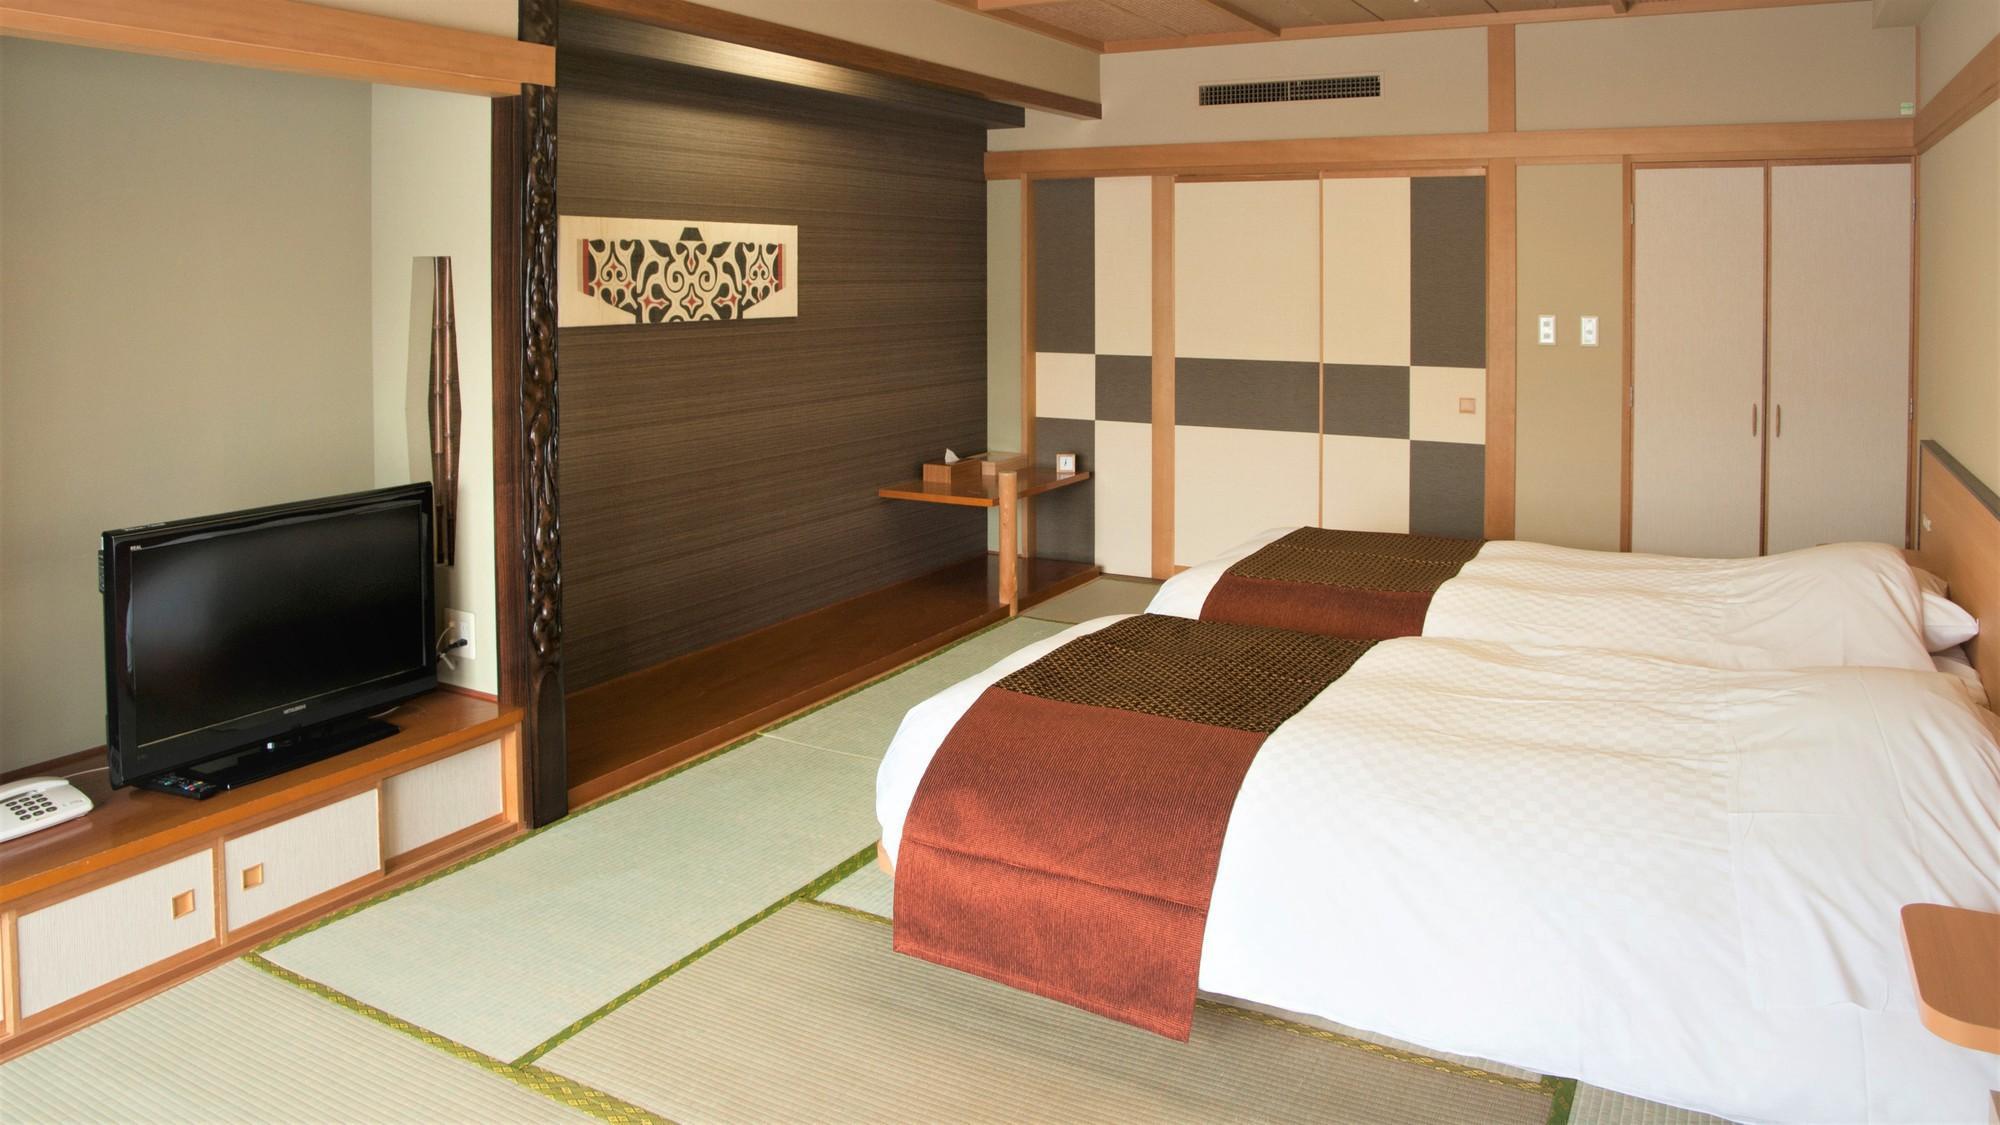 【山側】和室ツイン(客室一例)/和室のお部屋にベッドを配したベッド派にお勧めのお部屋。